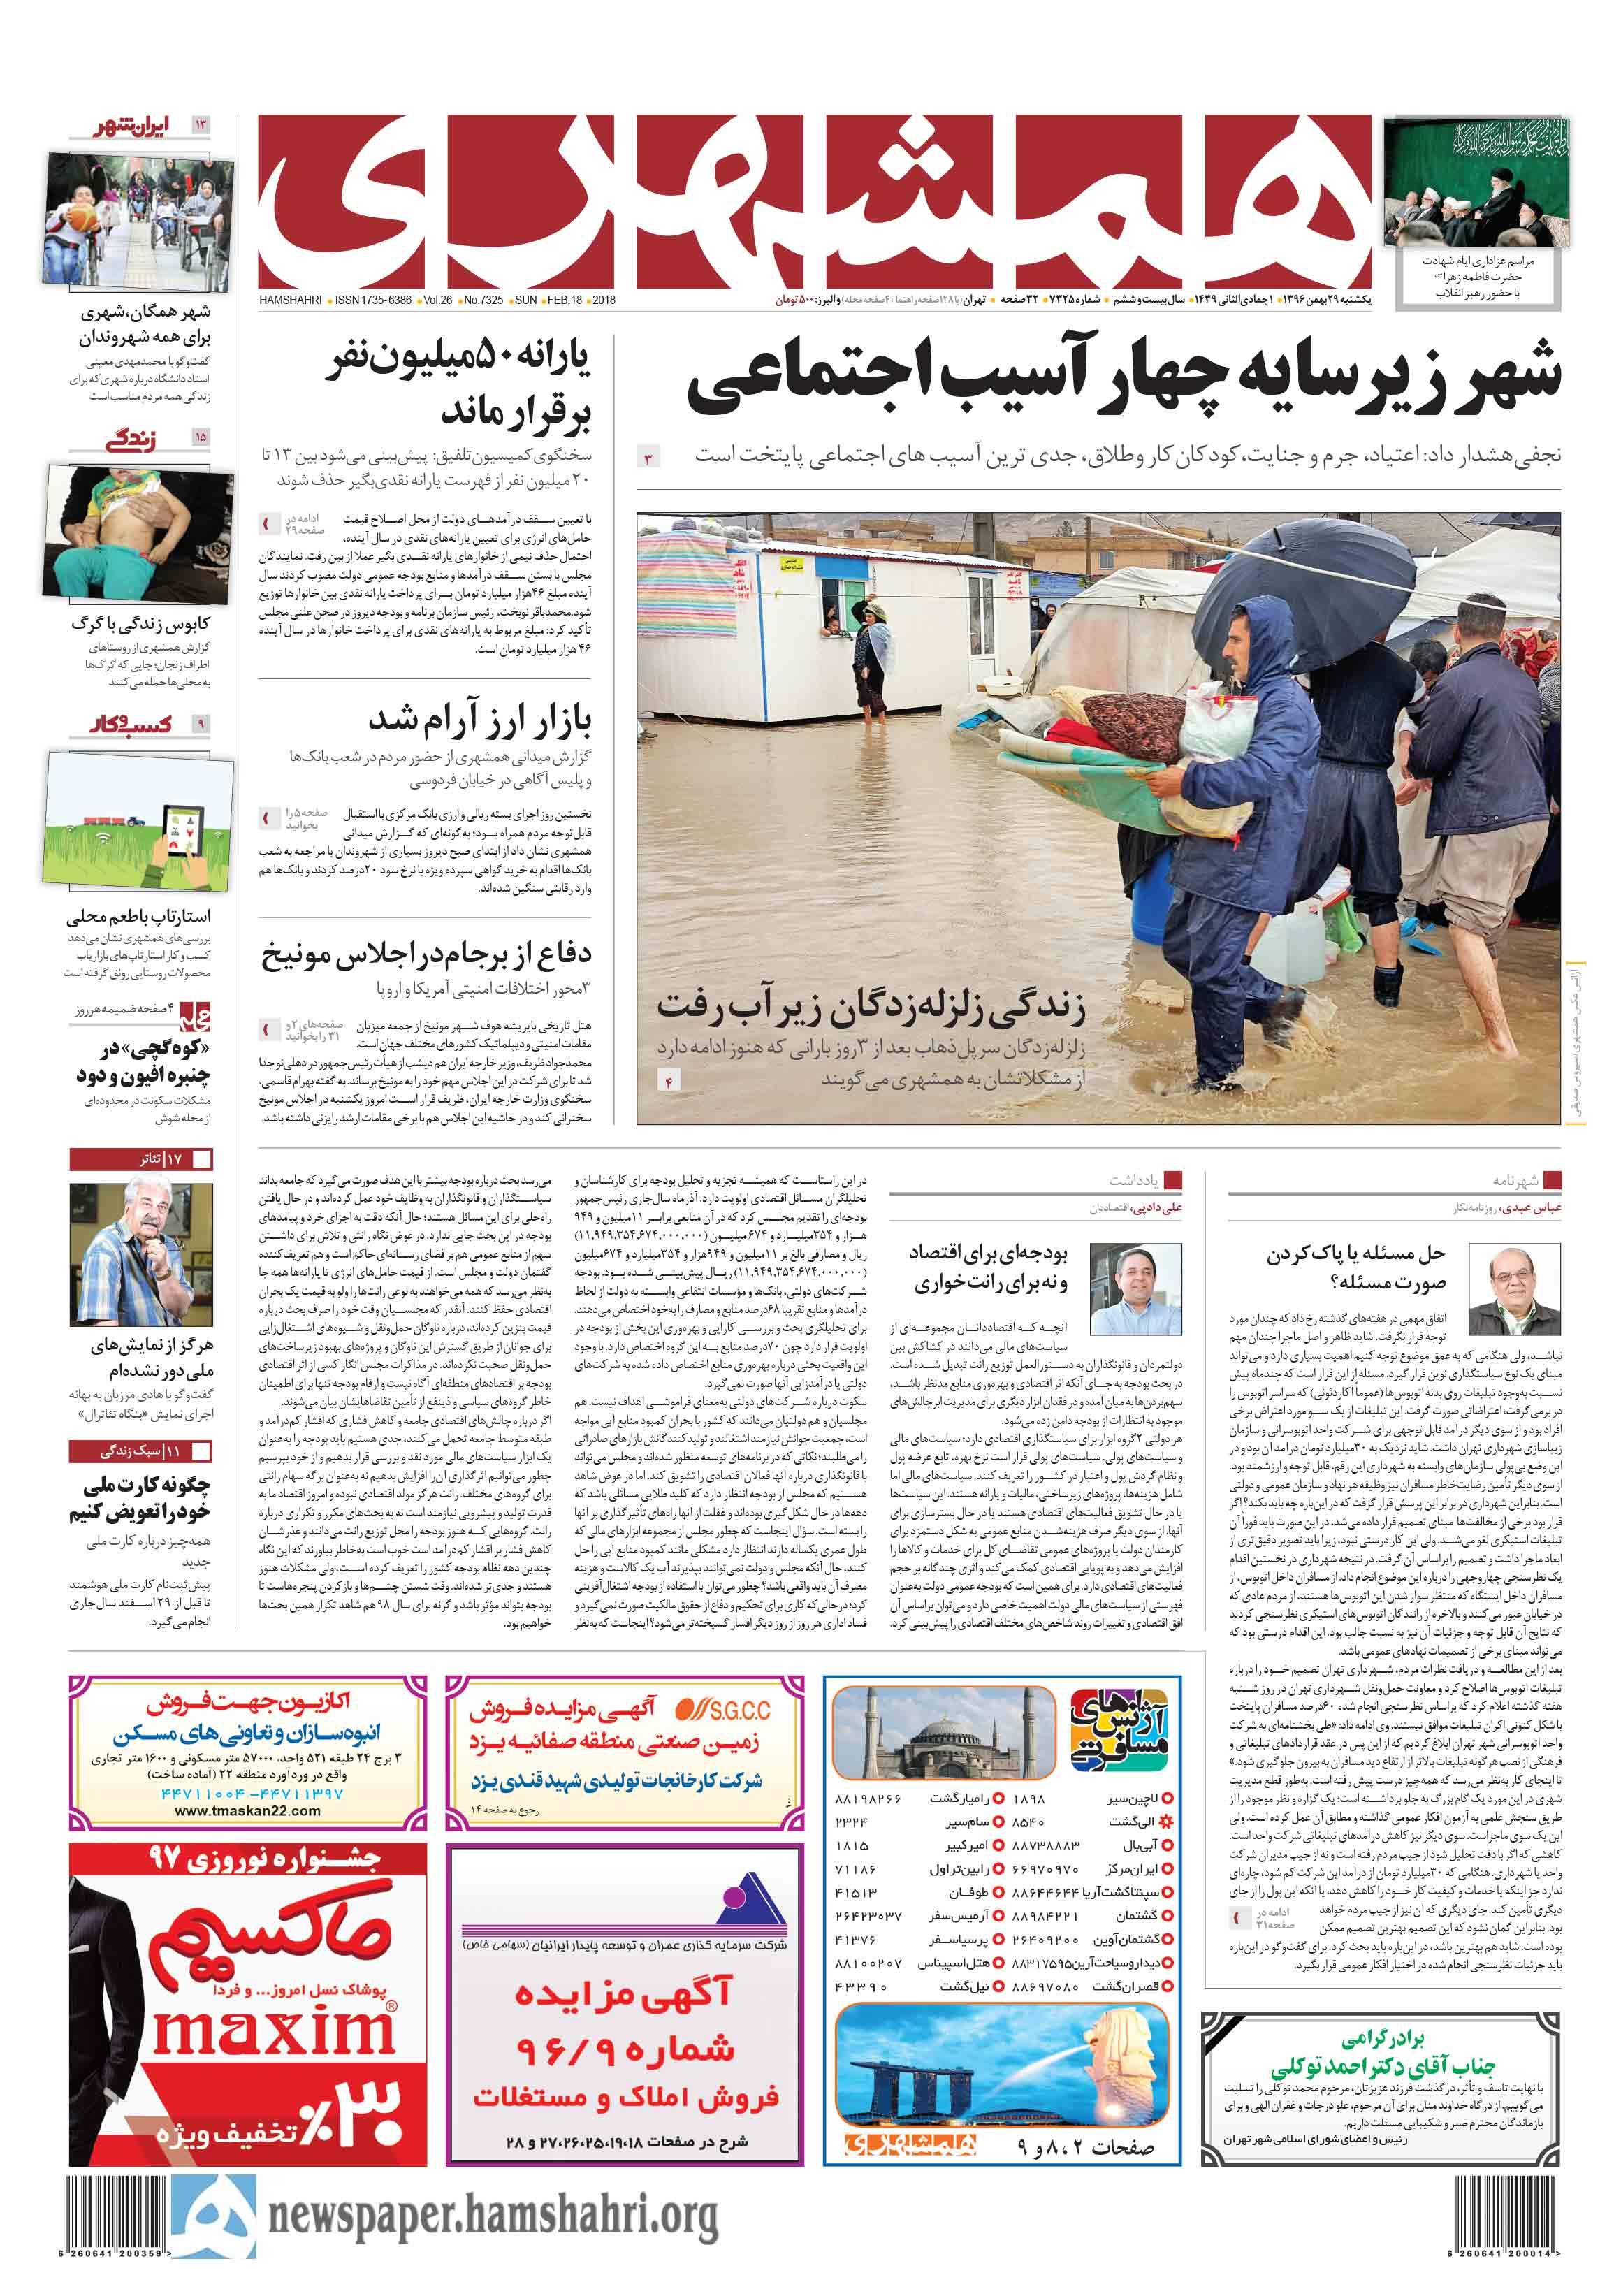 صفحه اول یکشنبه 29 بهمنماه 1396